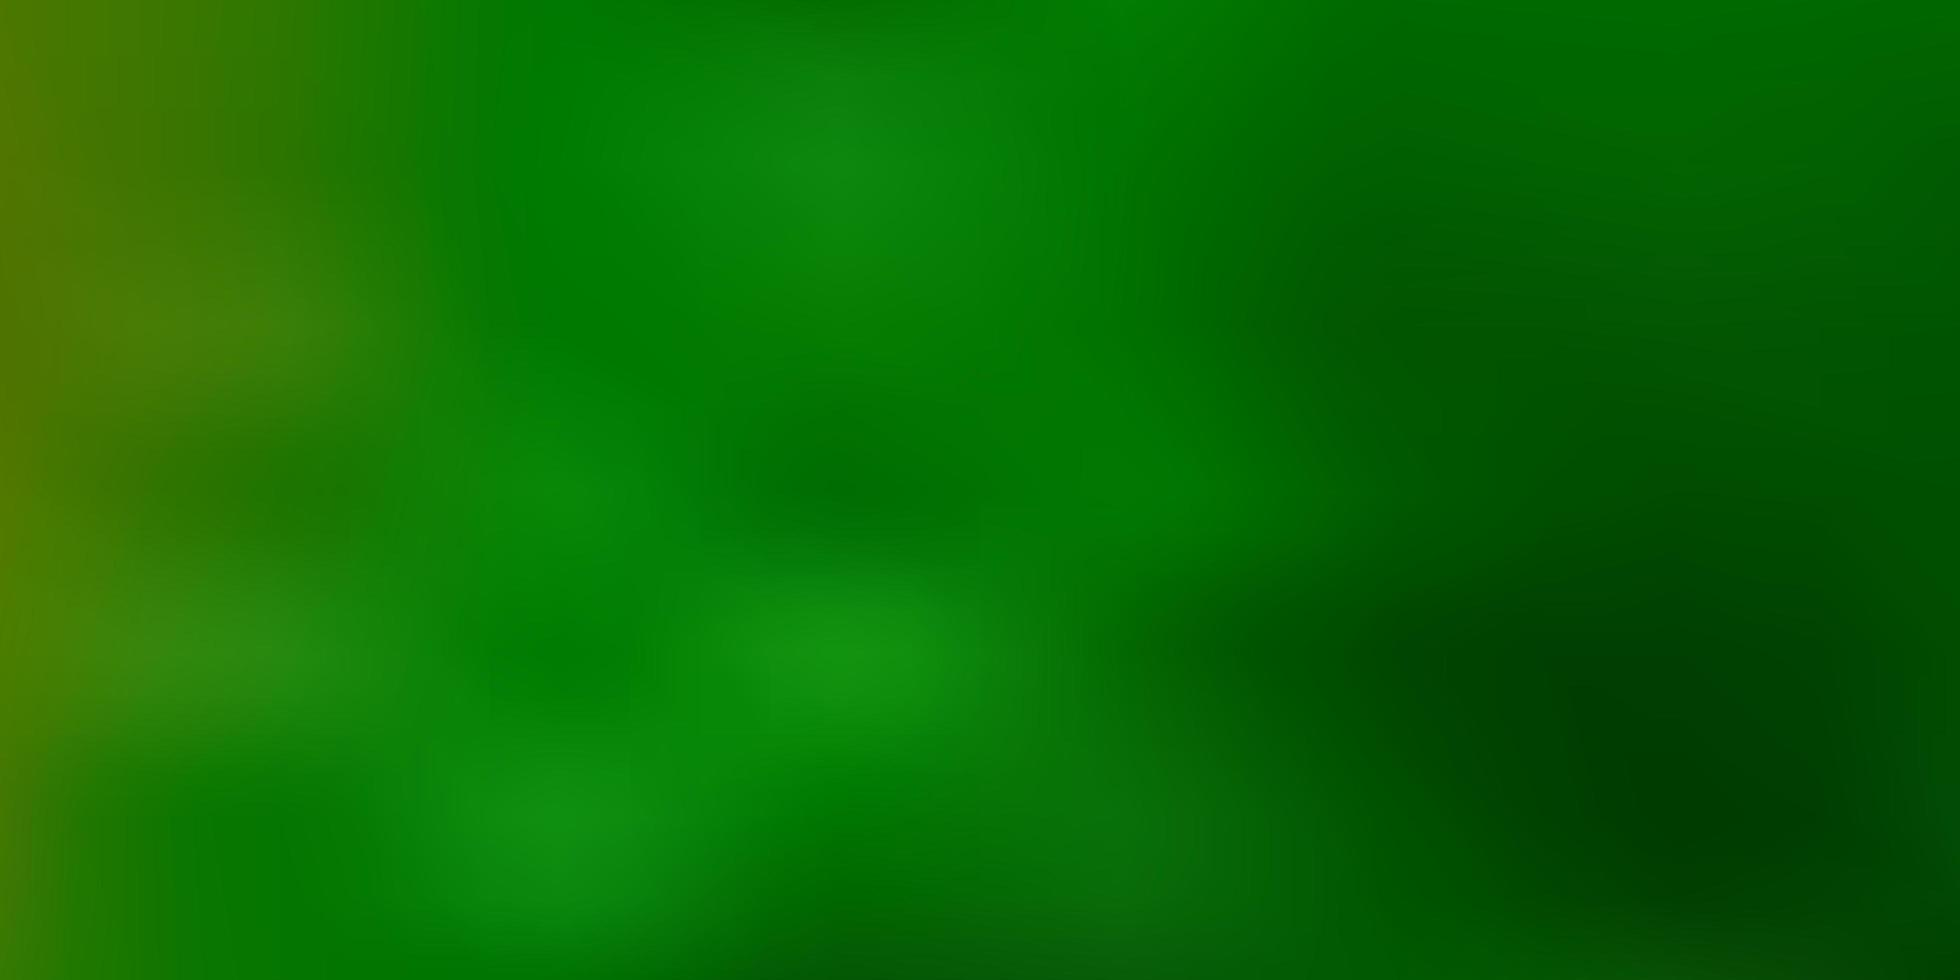 luz verde abstrato desfocar o fundo. vetor